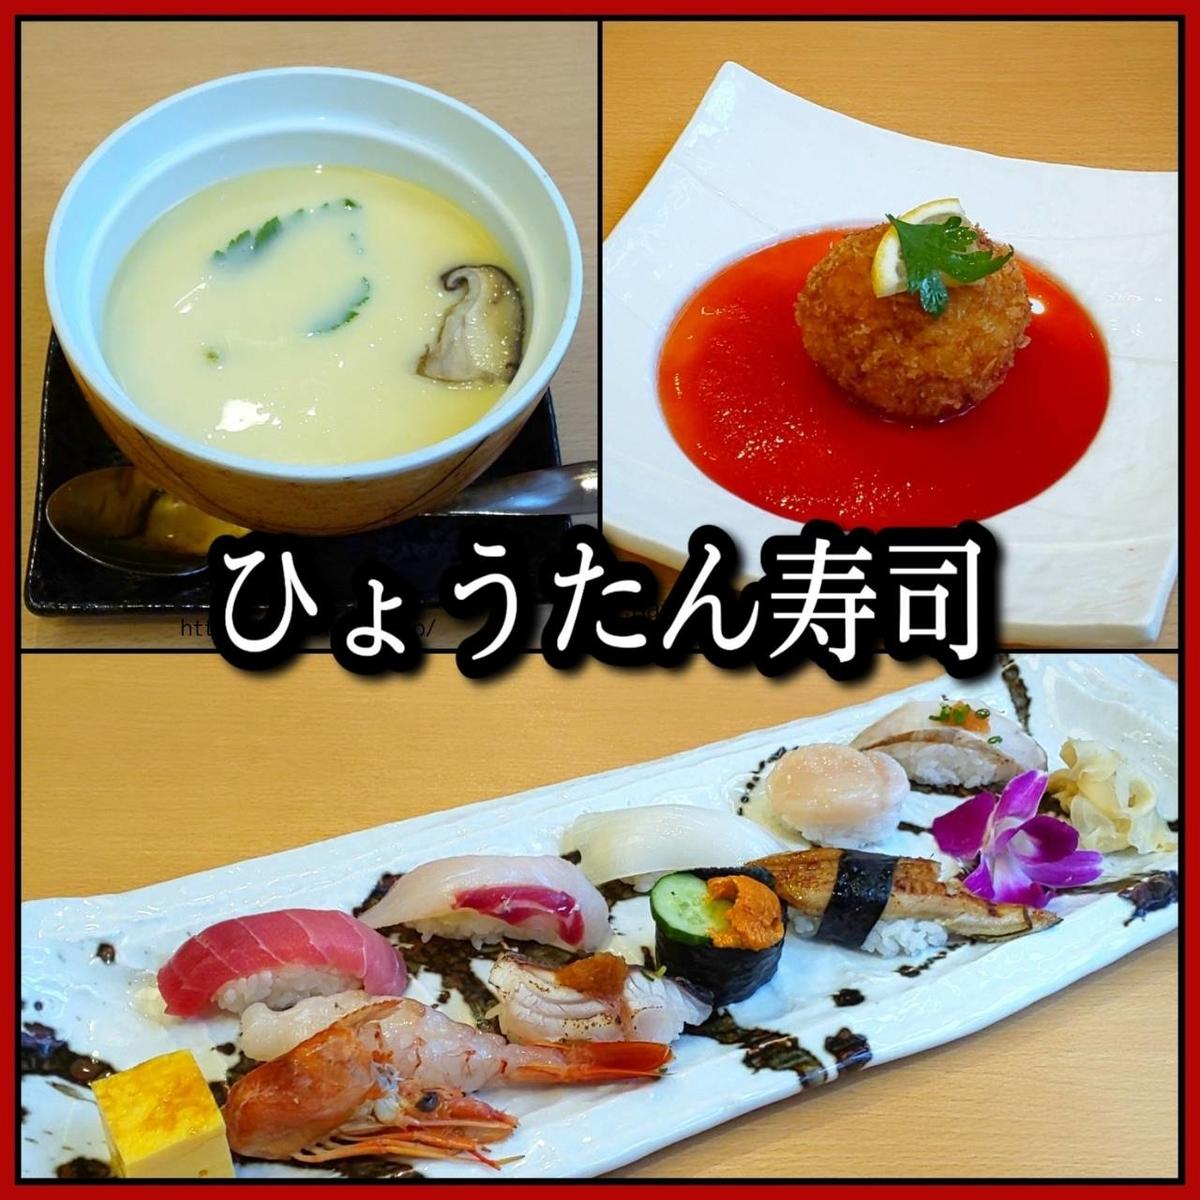 ひょうたん寿司 福岡おすすめランチ「旬のおまかせにぎりセット」 LIFE